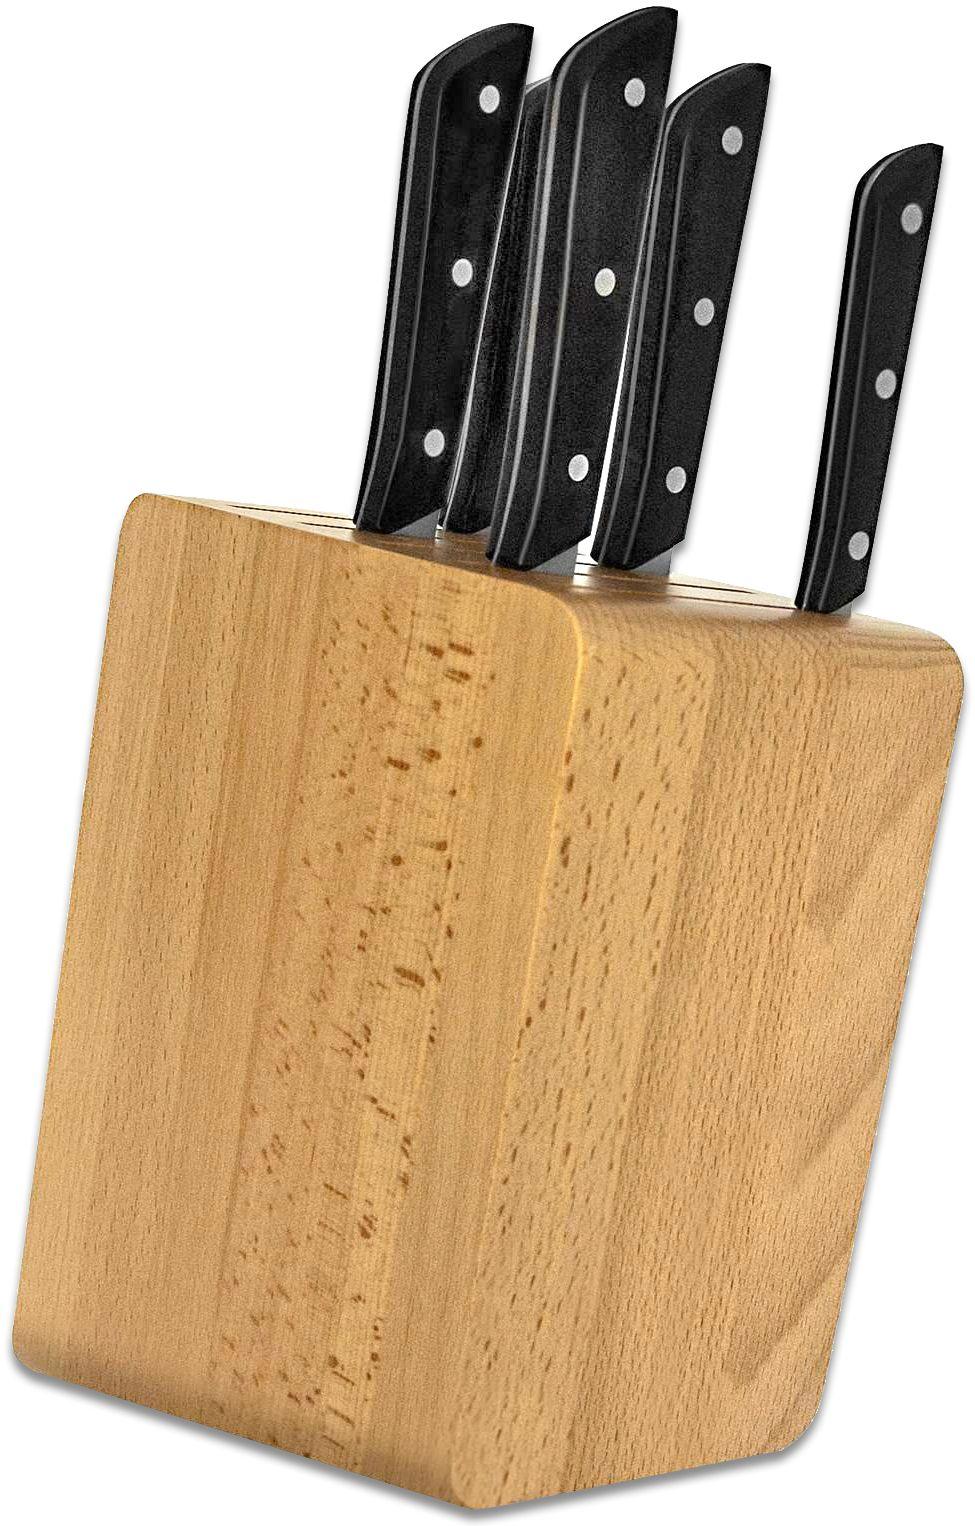 Maserin Black POM Mediterraneo 6 Piece Kitchen Block Set